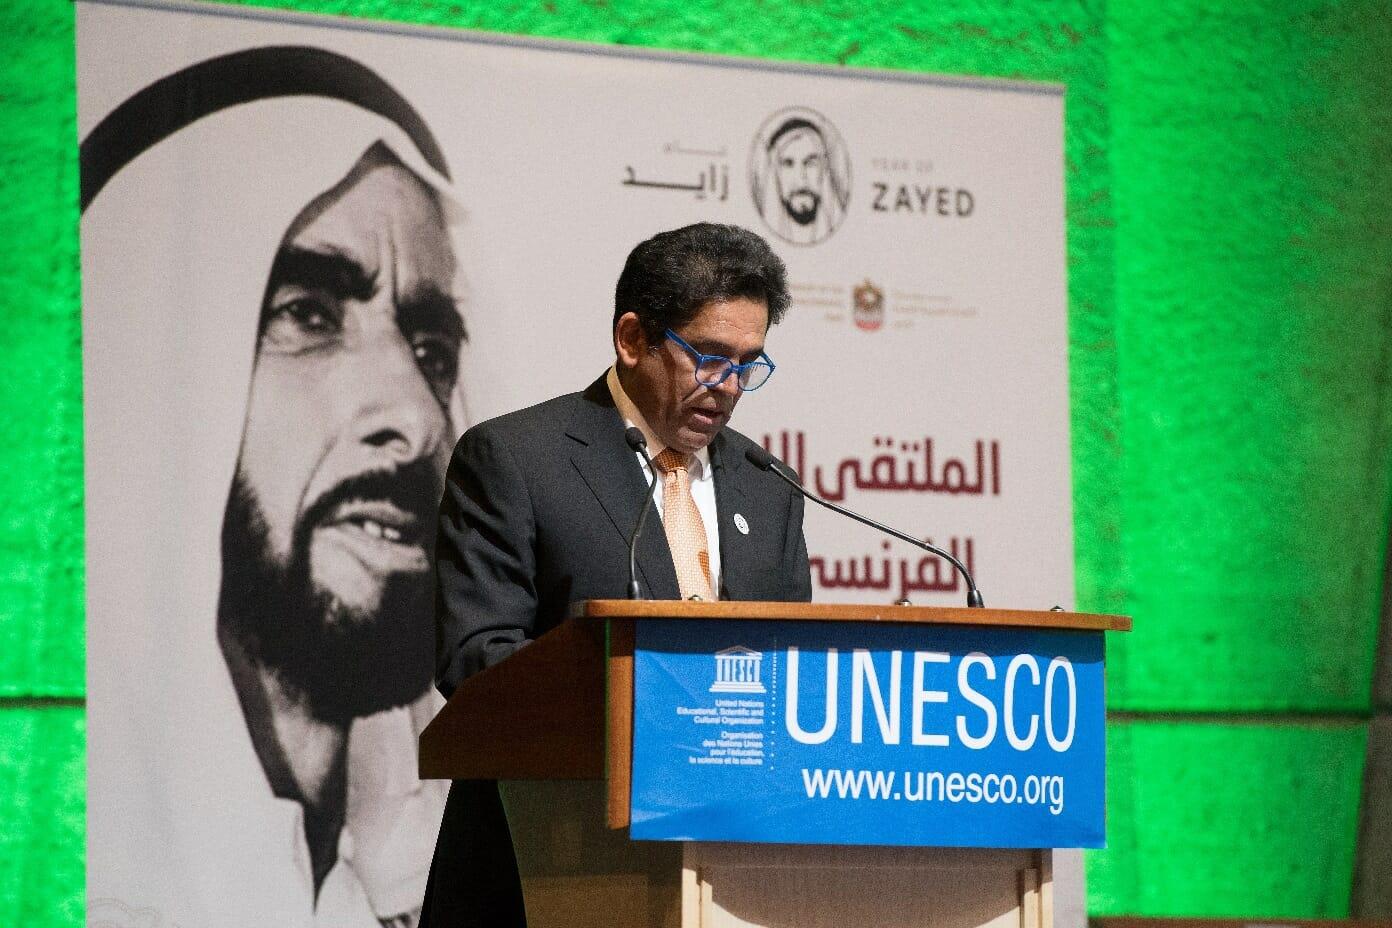 مندوب الإمارات في اليونسكو عبد الله النعيمي